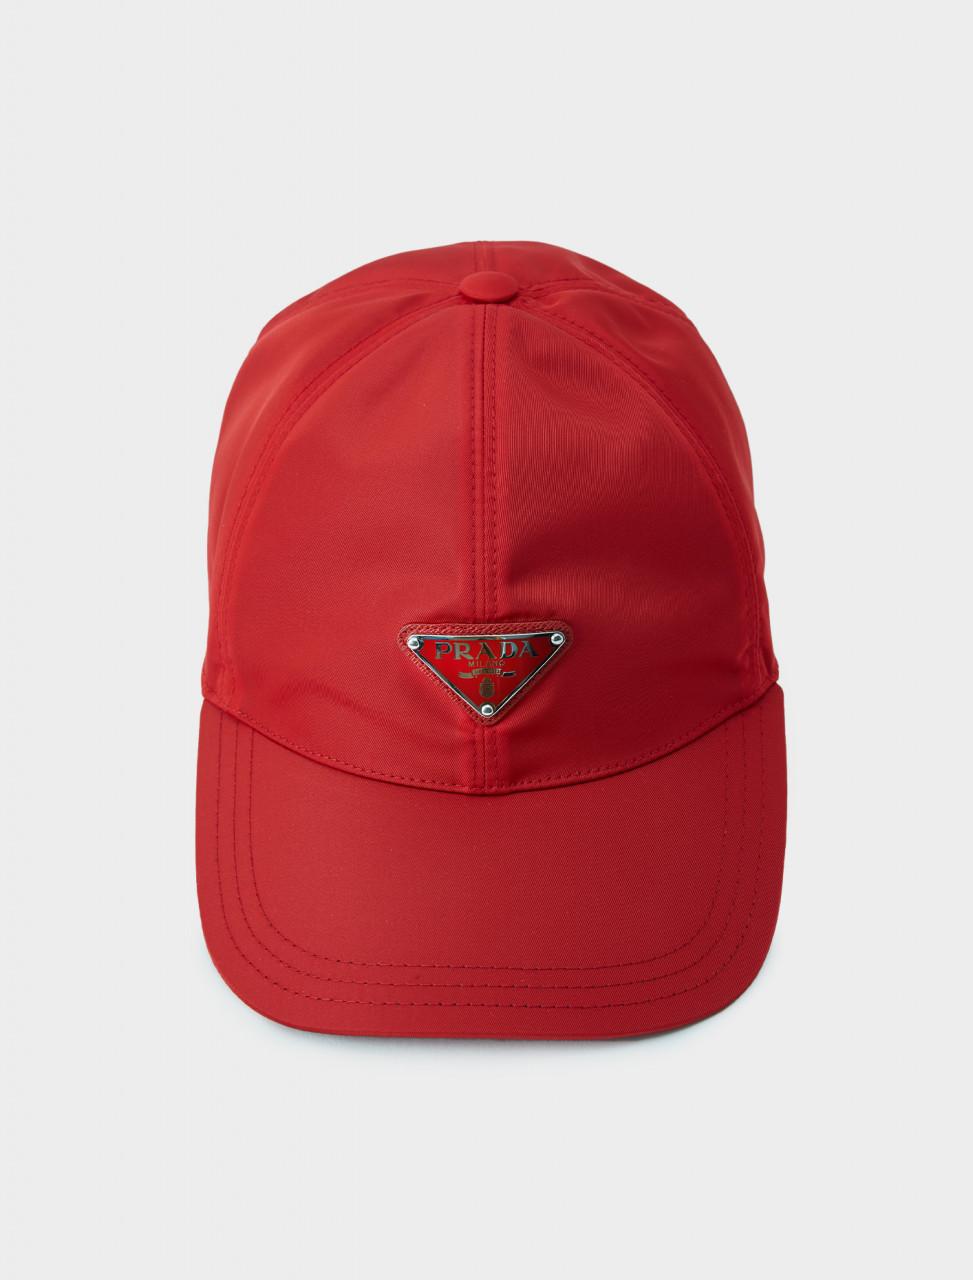 Prada Nylon Baseball Cap in Red